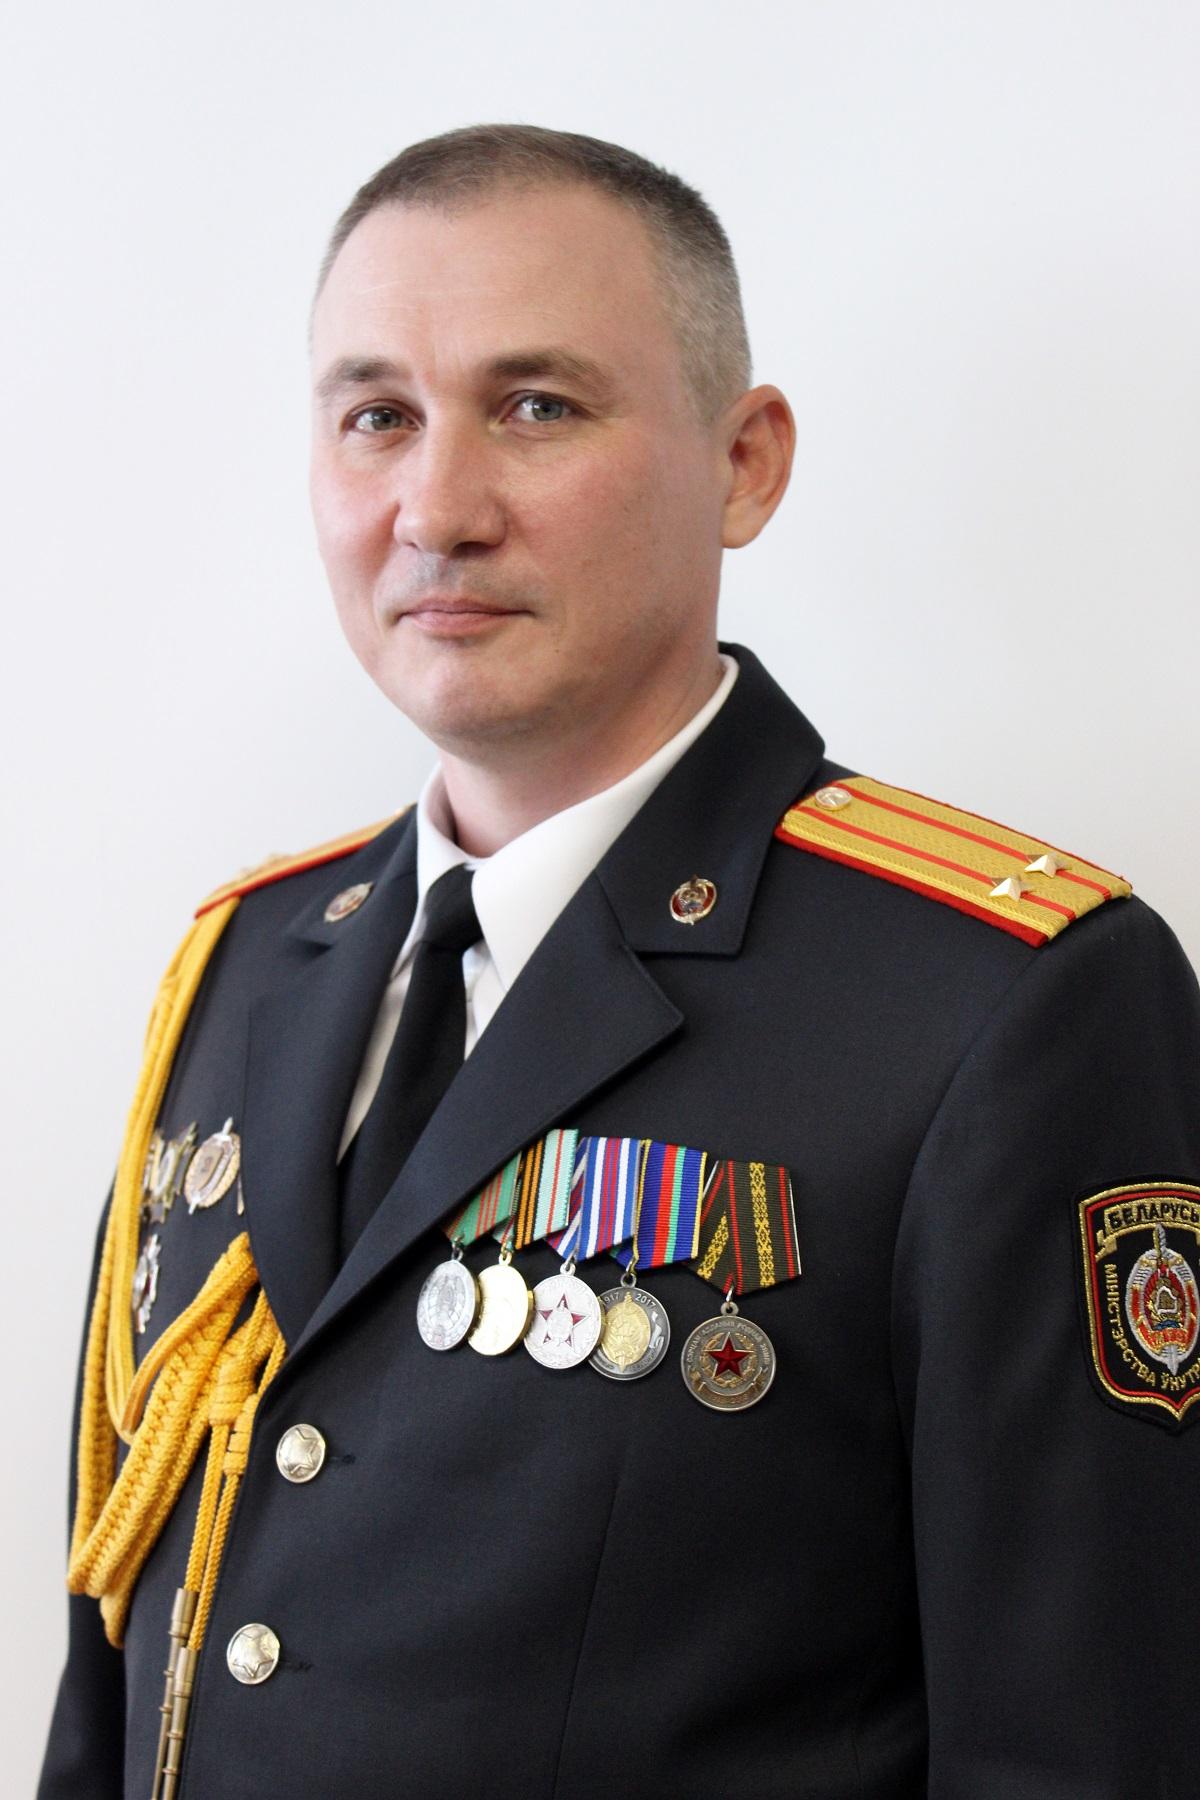 подполковник милиции Зайцев Юрий Викторович